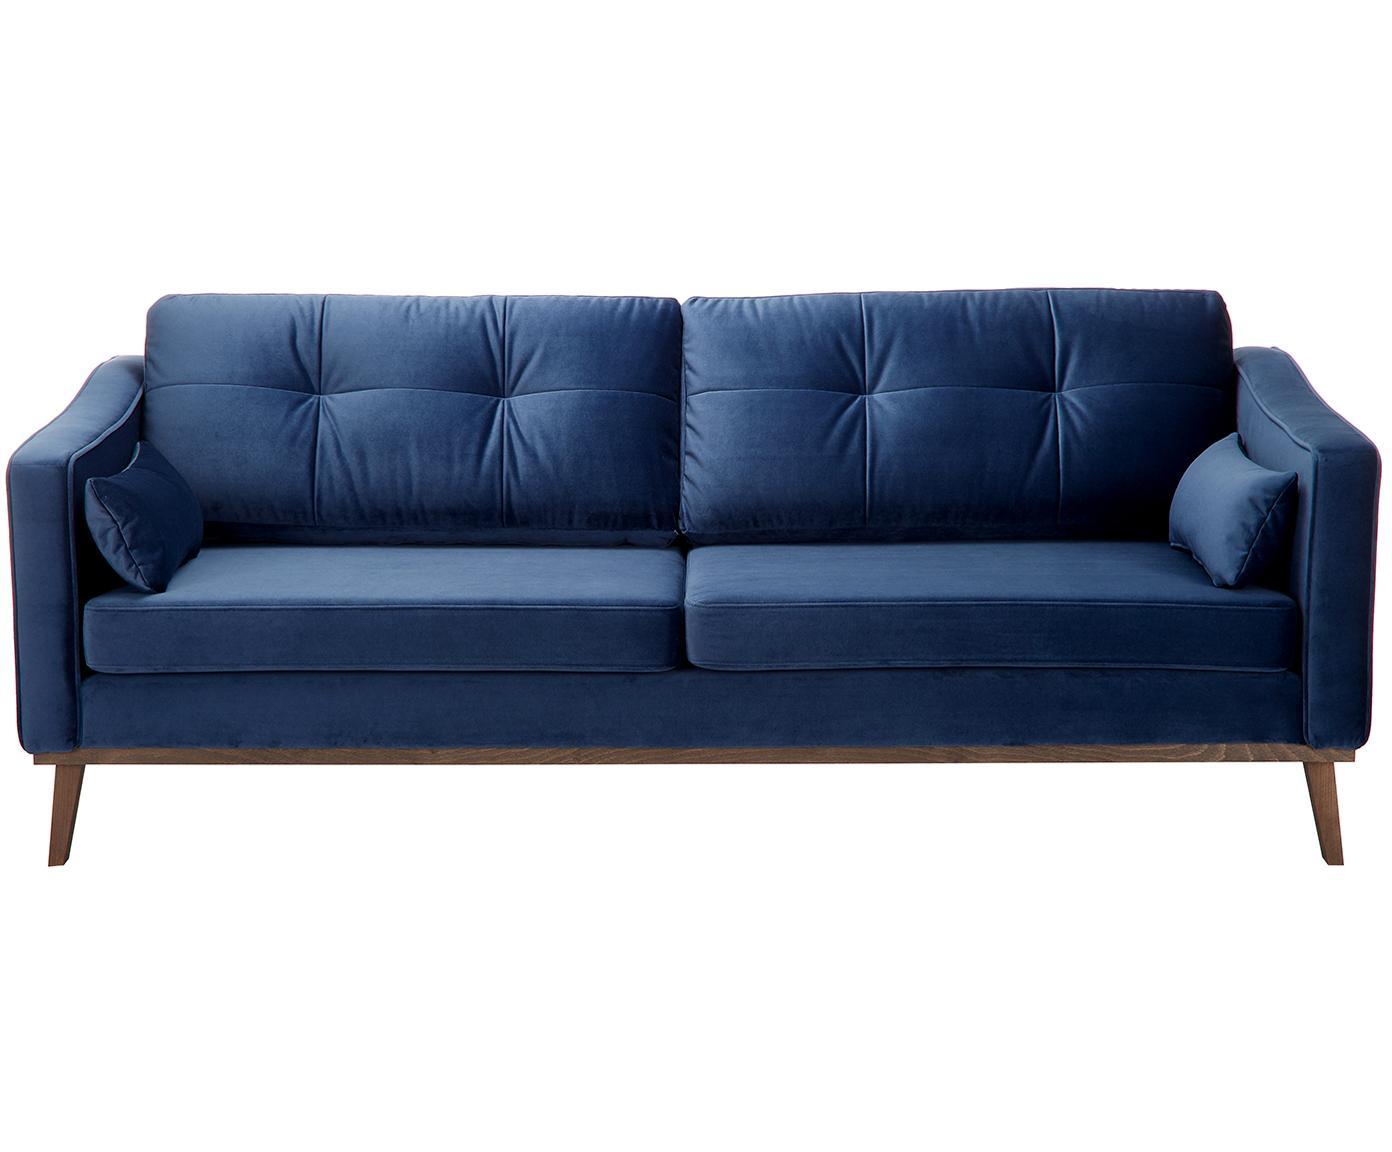 Sofa z aksamitu Alva (3-osobowa), Tapicerka: aksamit (wysokiej jakości, Stelaż: drewno sosnowe, Nogi: lite drewno bukowe, barwi, Tapicerka: marynarski granat Nogi: drewno bukowe, bejcowane na ciemno, S 215 x G 92 cm